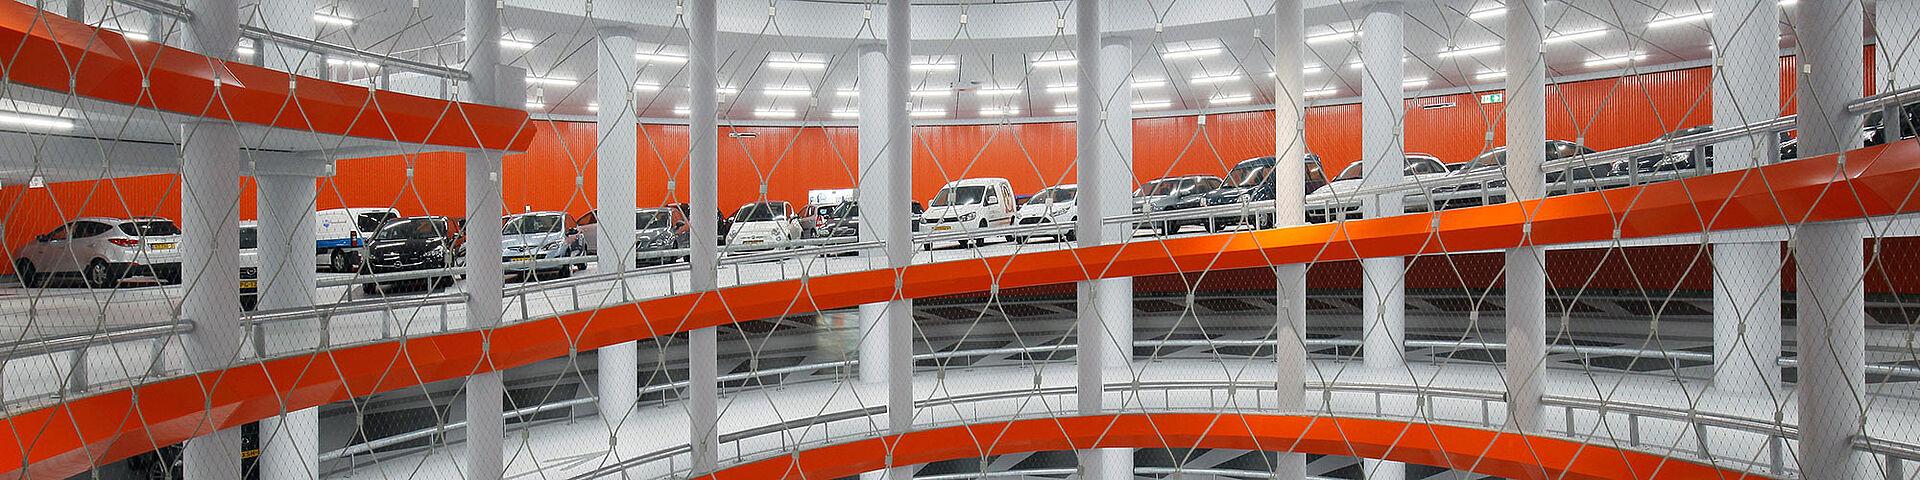 Absturzsicherung Edelstahl-Seilnetz X-TEND Parkhäuser